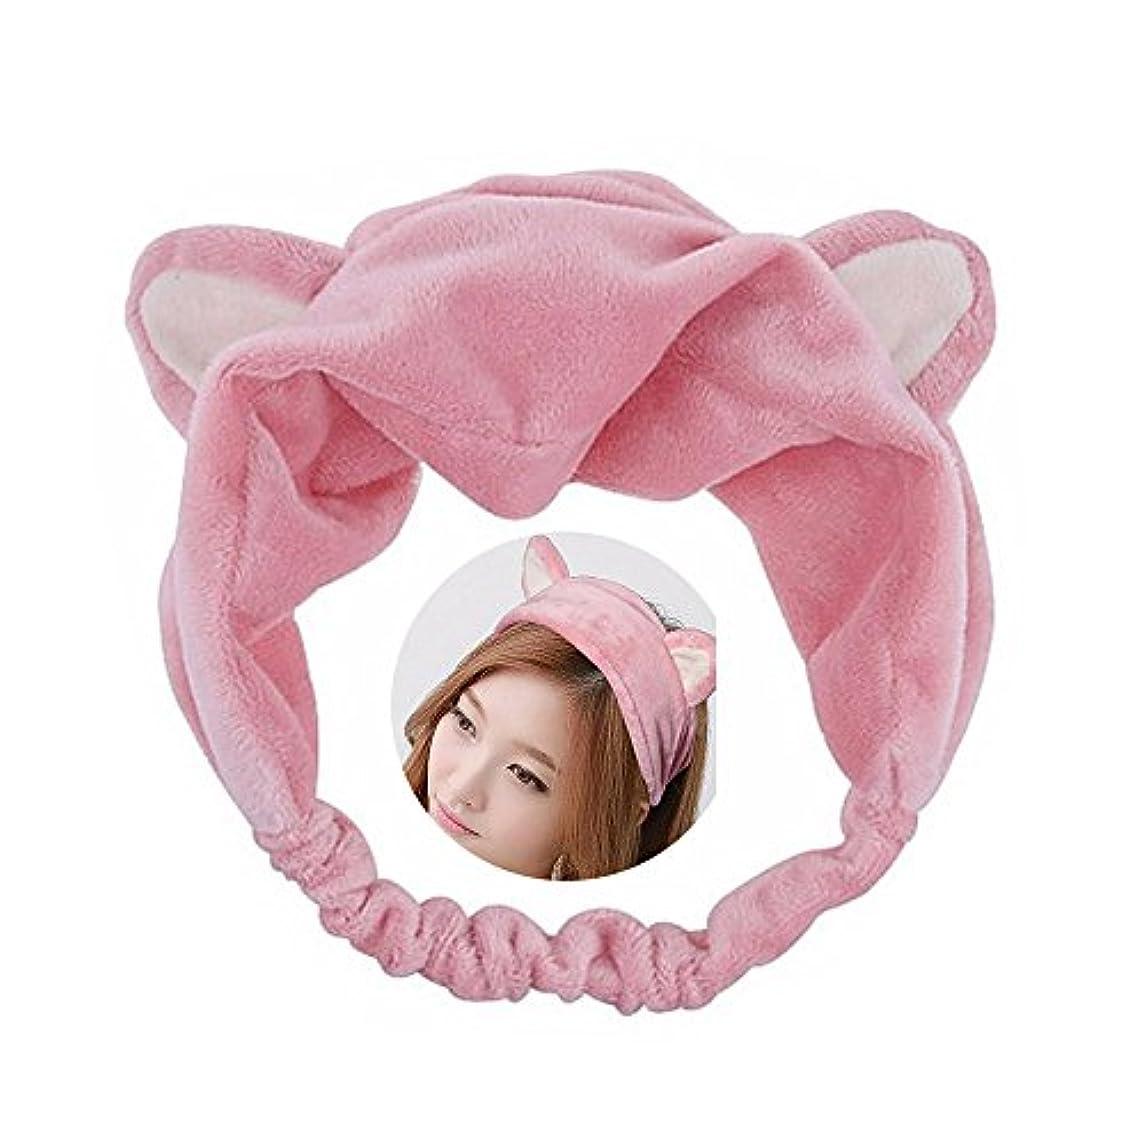 悪用オプション七面鳥可愛い 猫 耳 ヘアバンド メイク アップ フェイス マスク スポーツ カチューシャ 髪型 ピンク